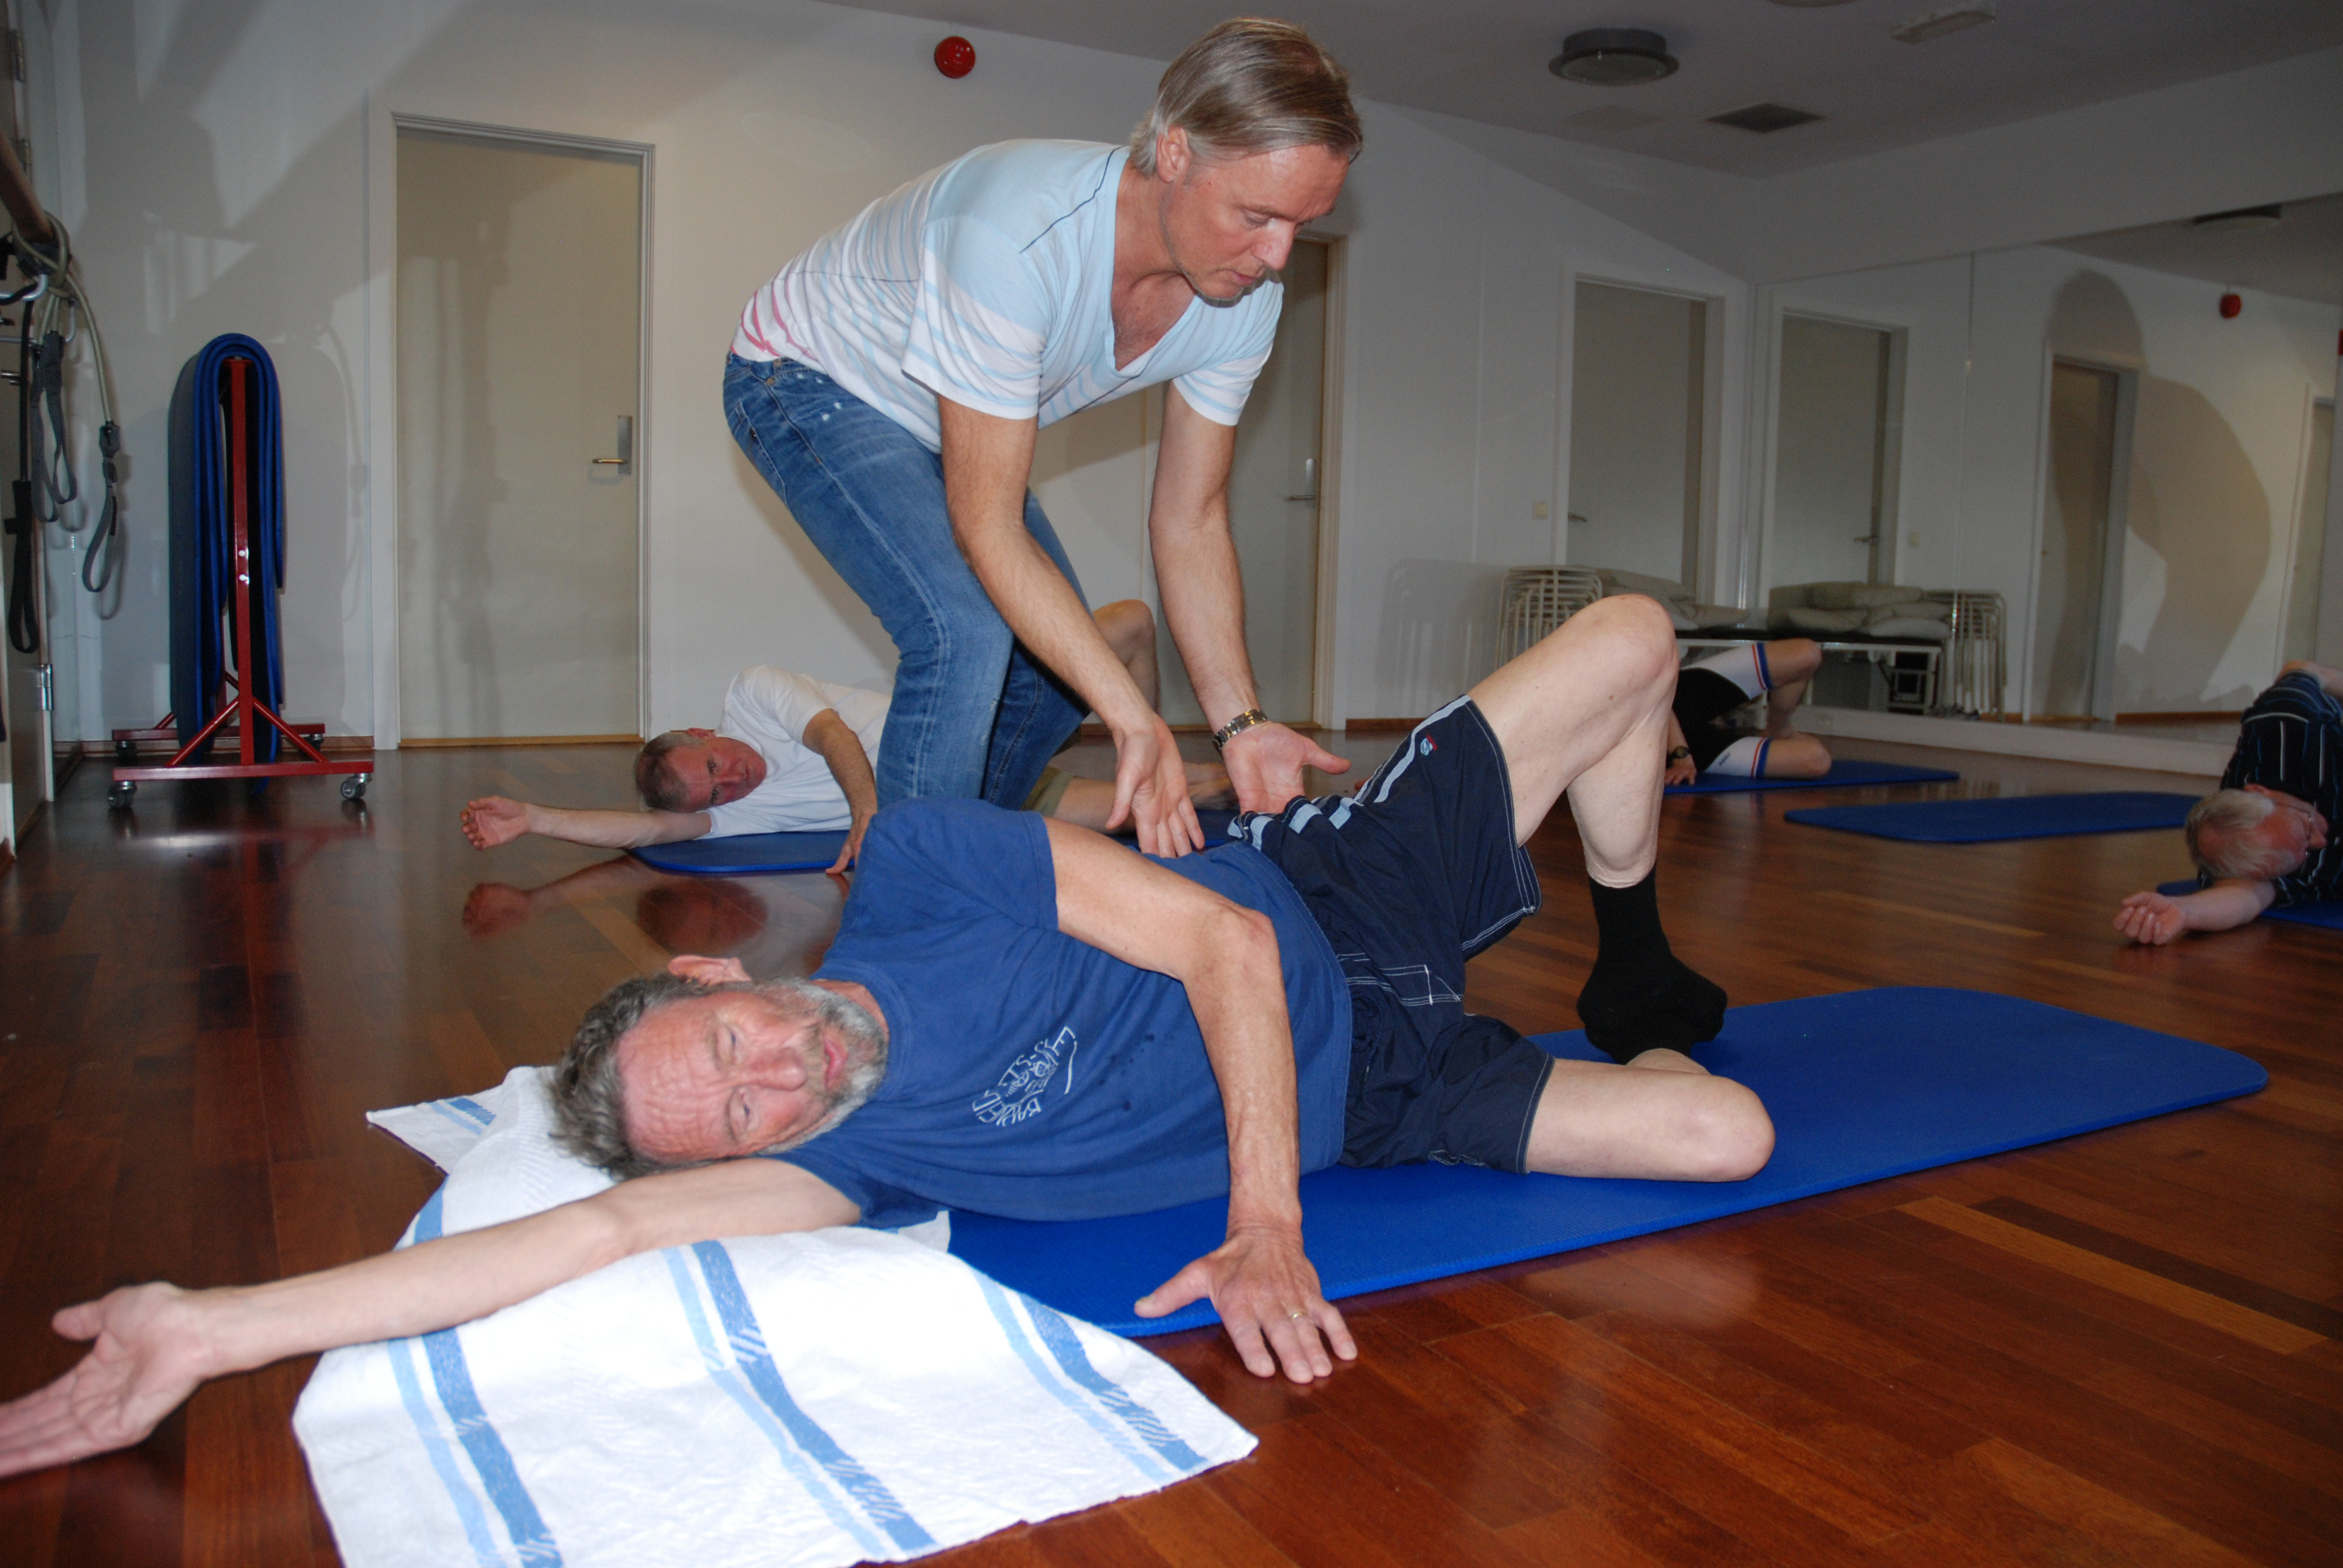 Fysioterpeuten veileder øvelsene til pasienten på gulvet